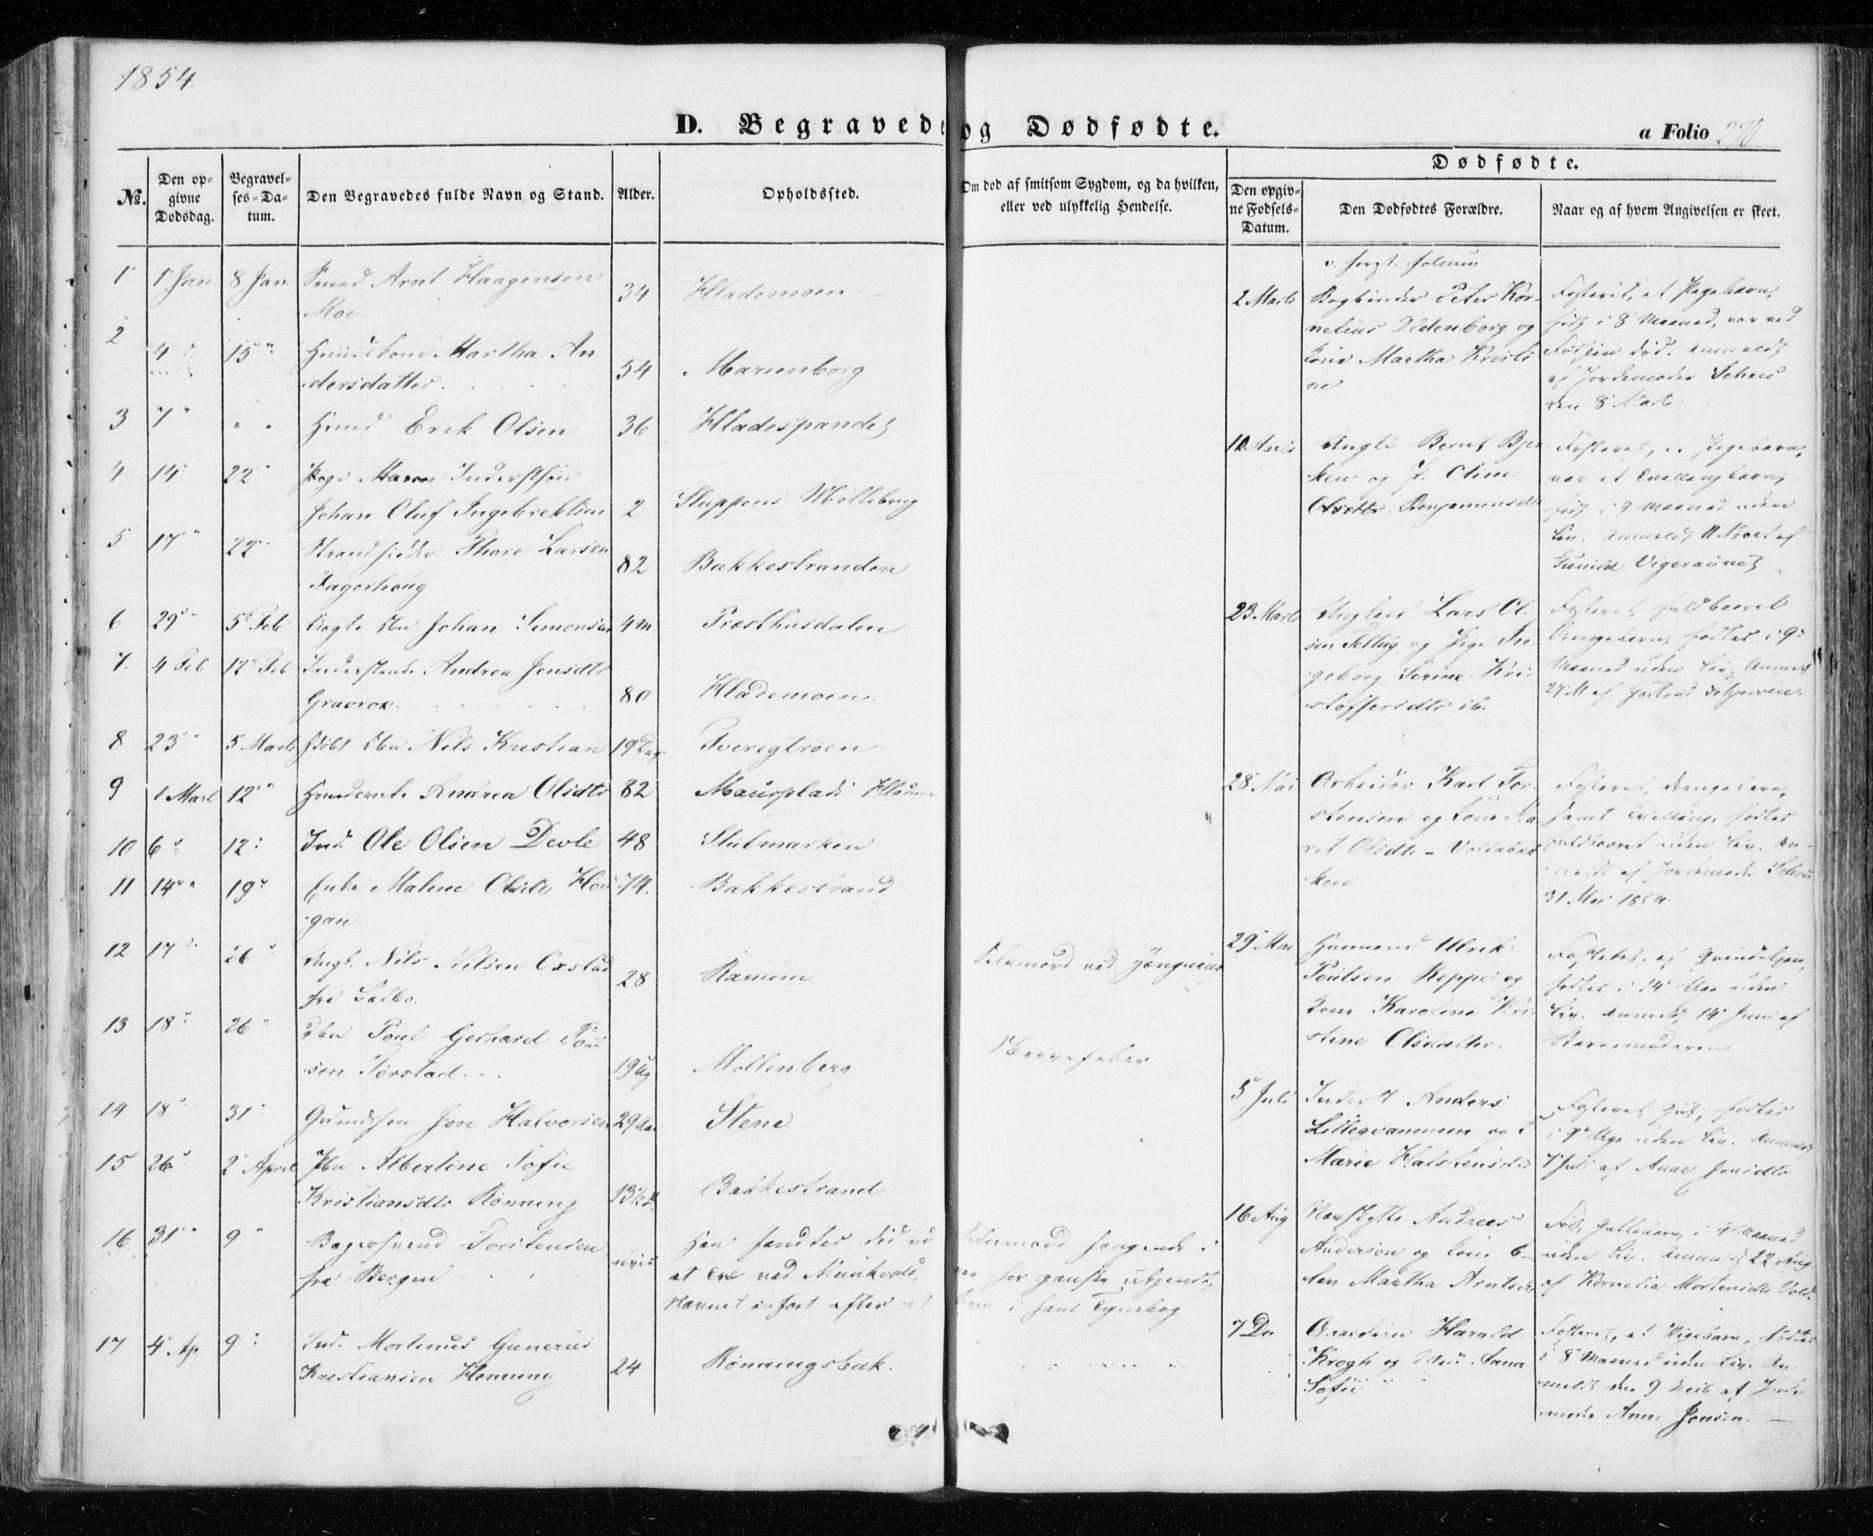 SAT, Ministerialprotokoller, klokkerbøker og fødselsregistre - Sør-Trøndelag, 606/L0291: Ministerialbok nr. 606A06, 1848-1856, s. 270